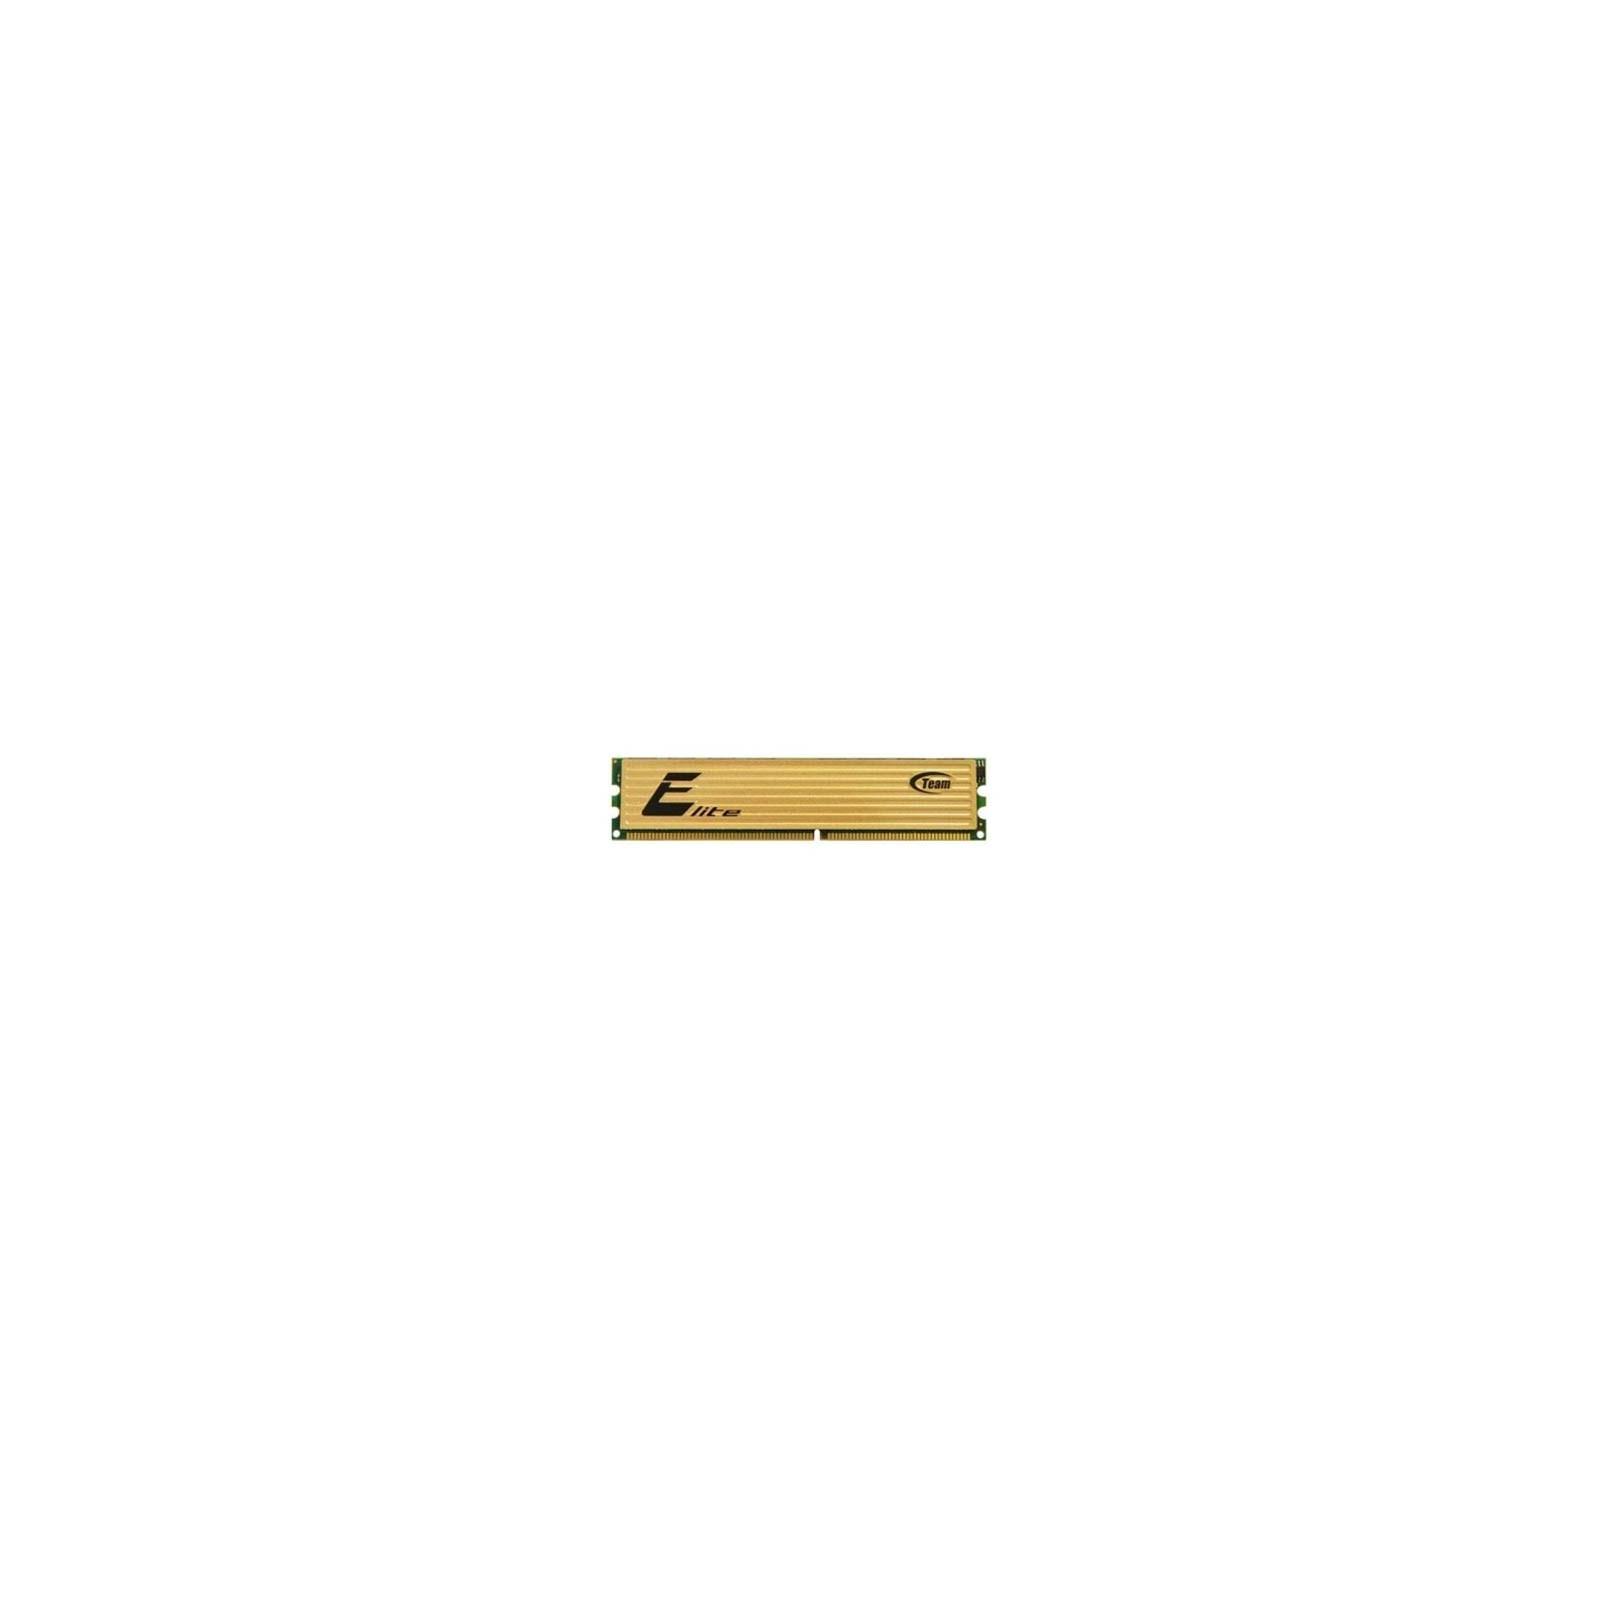 Модуль памяти для компьютера DDR SDRAM 1GB 400 MHz Team (TED11G400HC3BK)